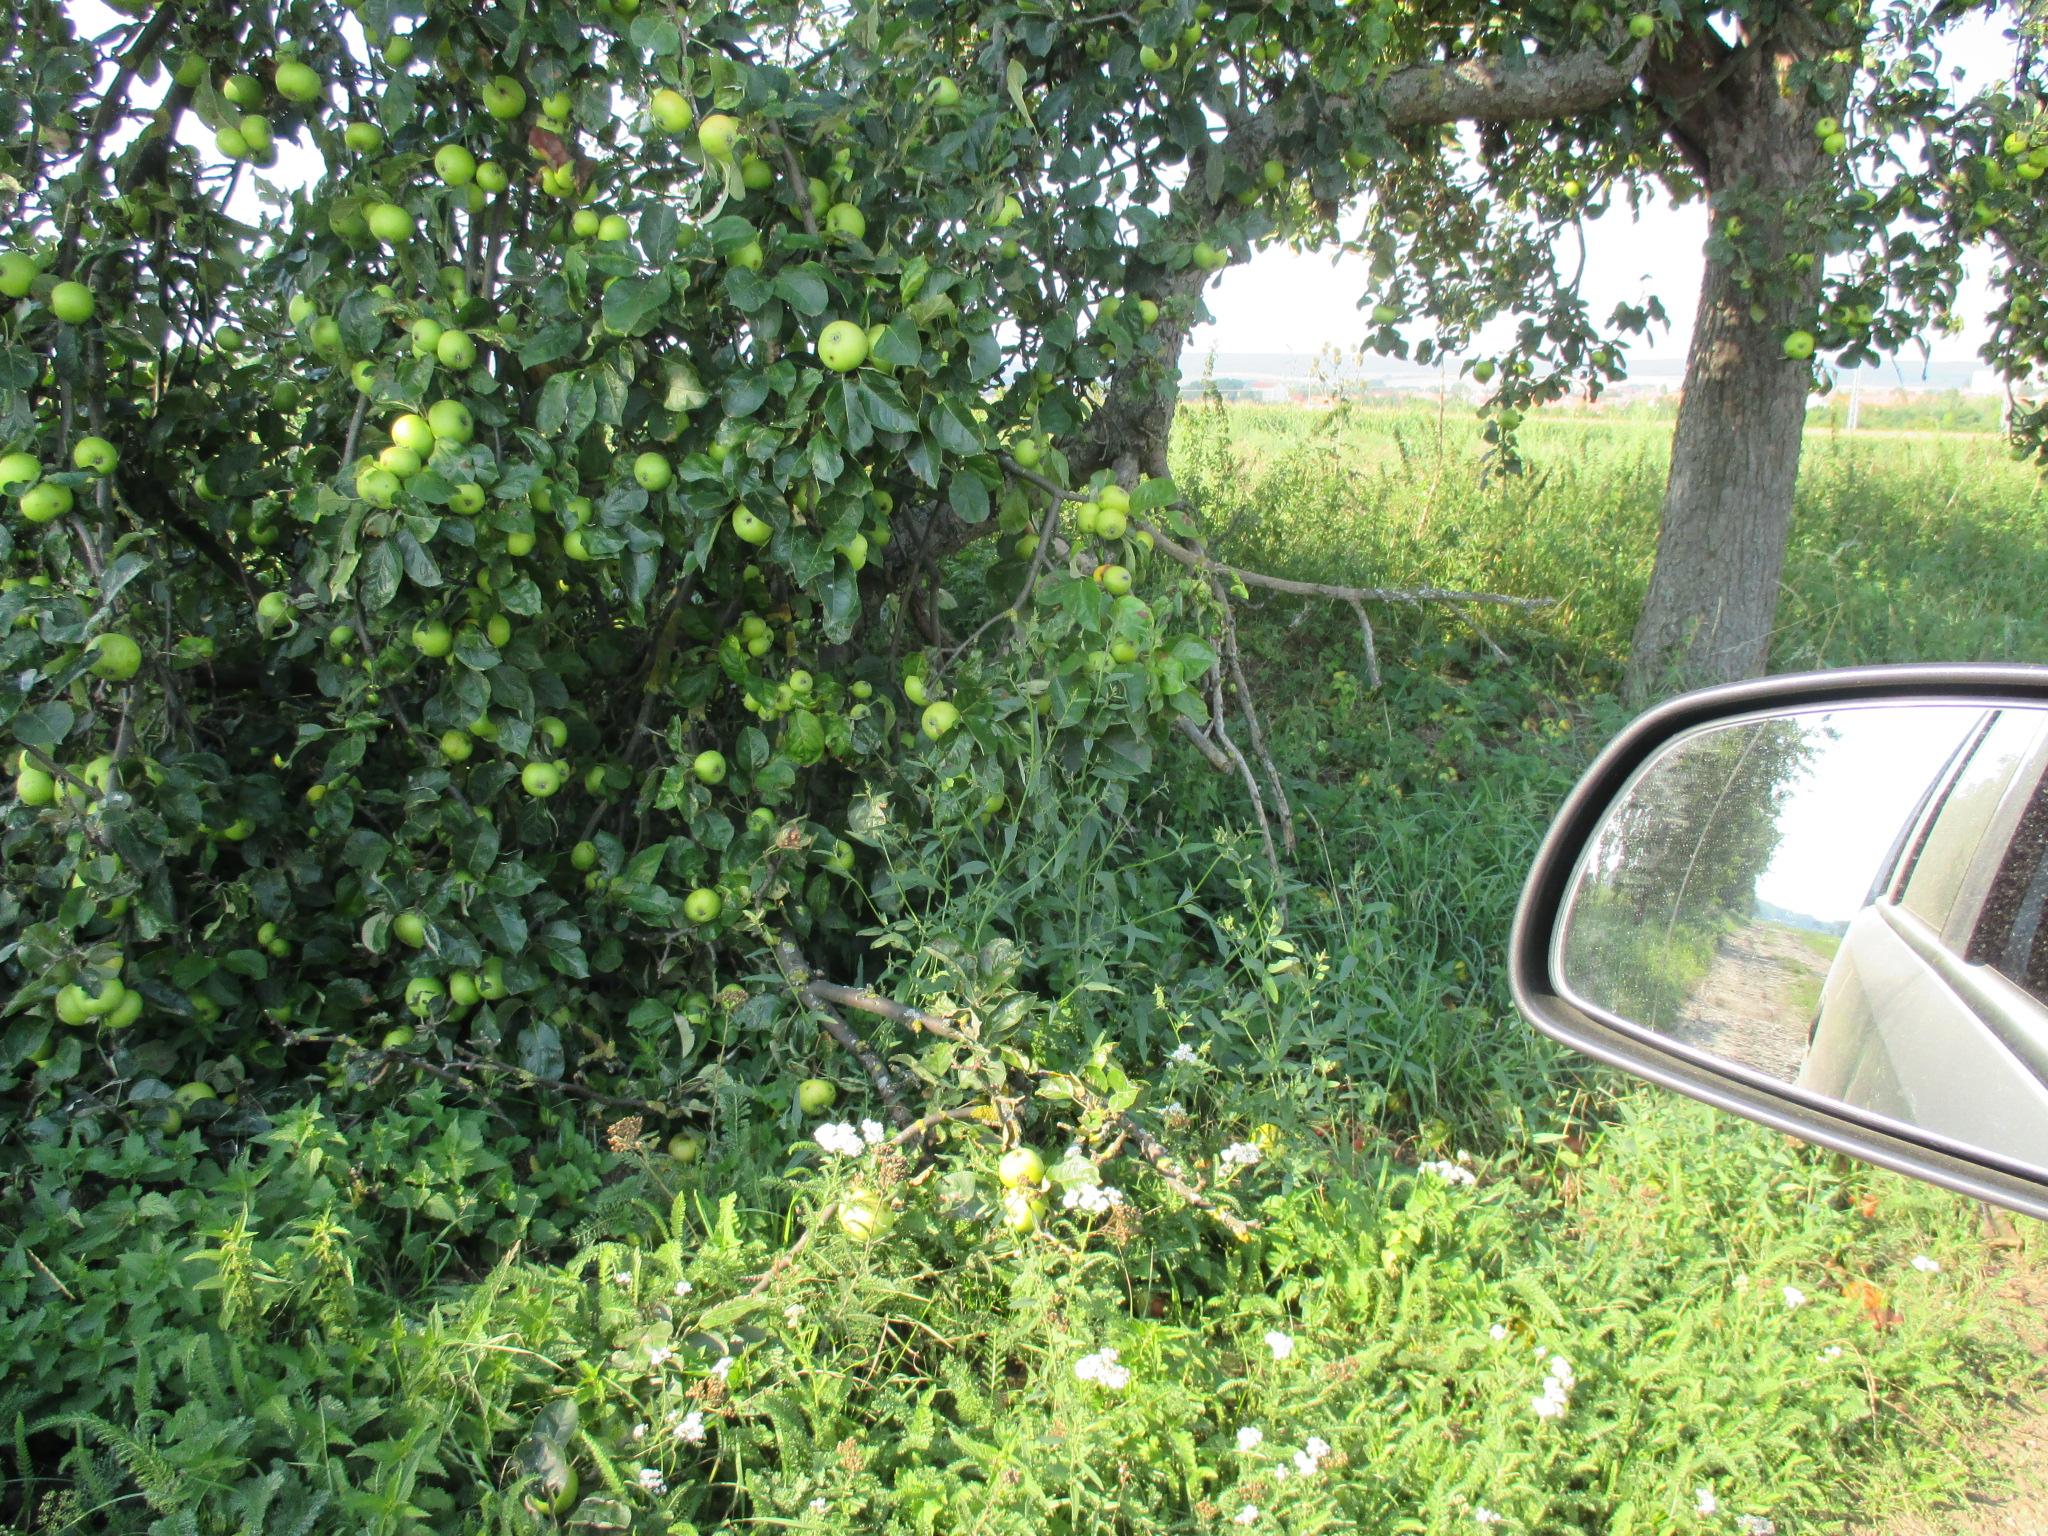 Obst am Wgwesrand -22.8.15   (7)